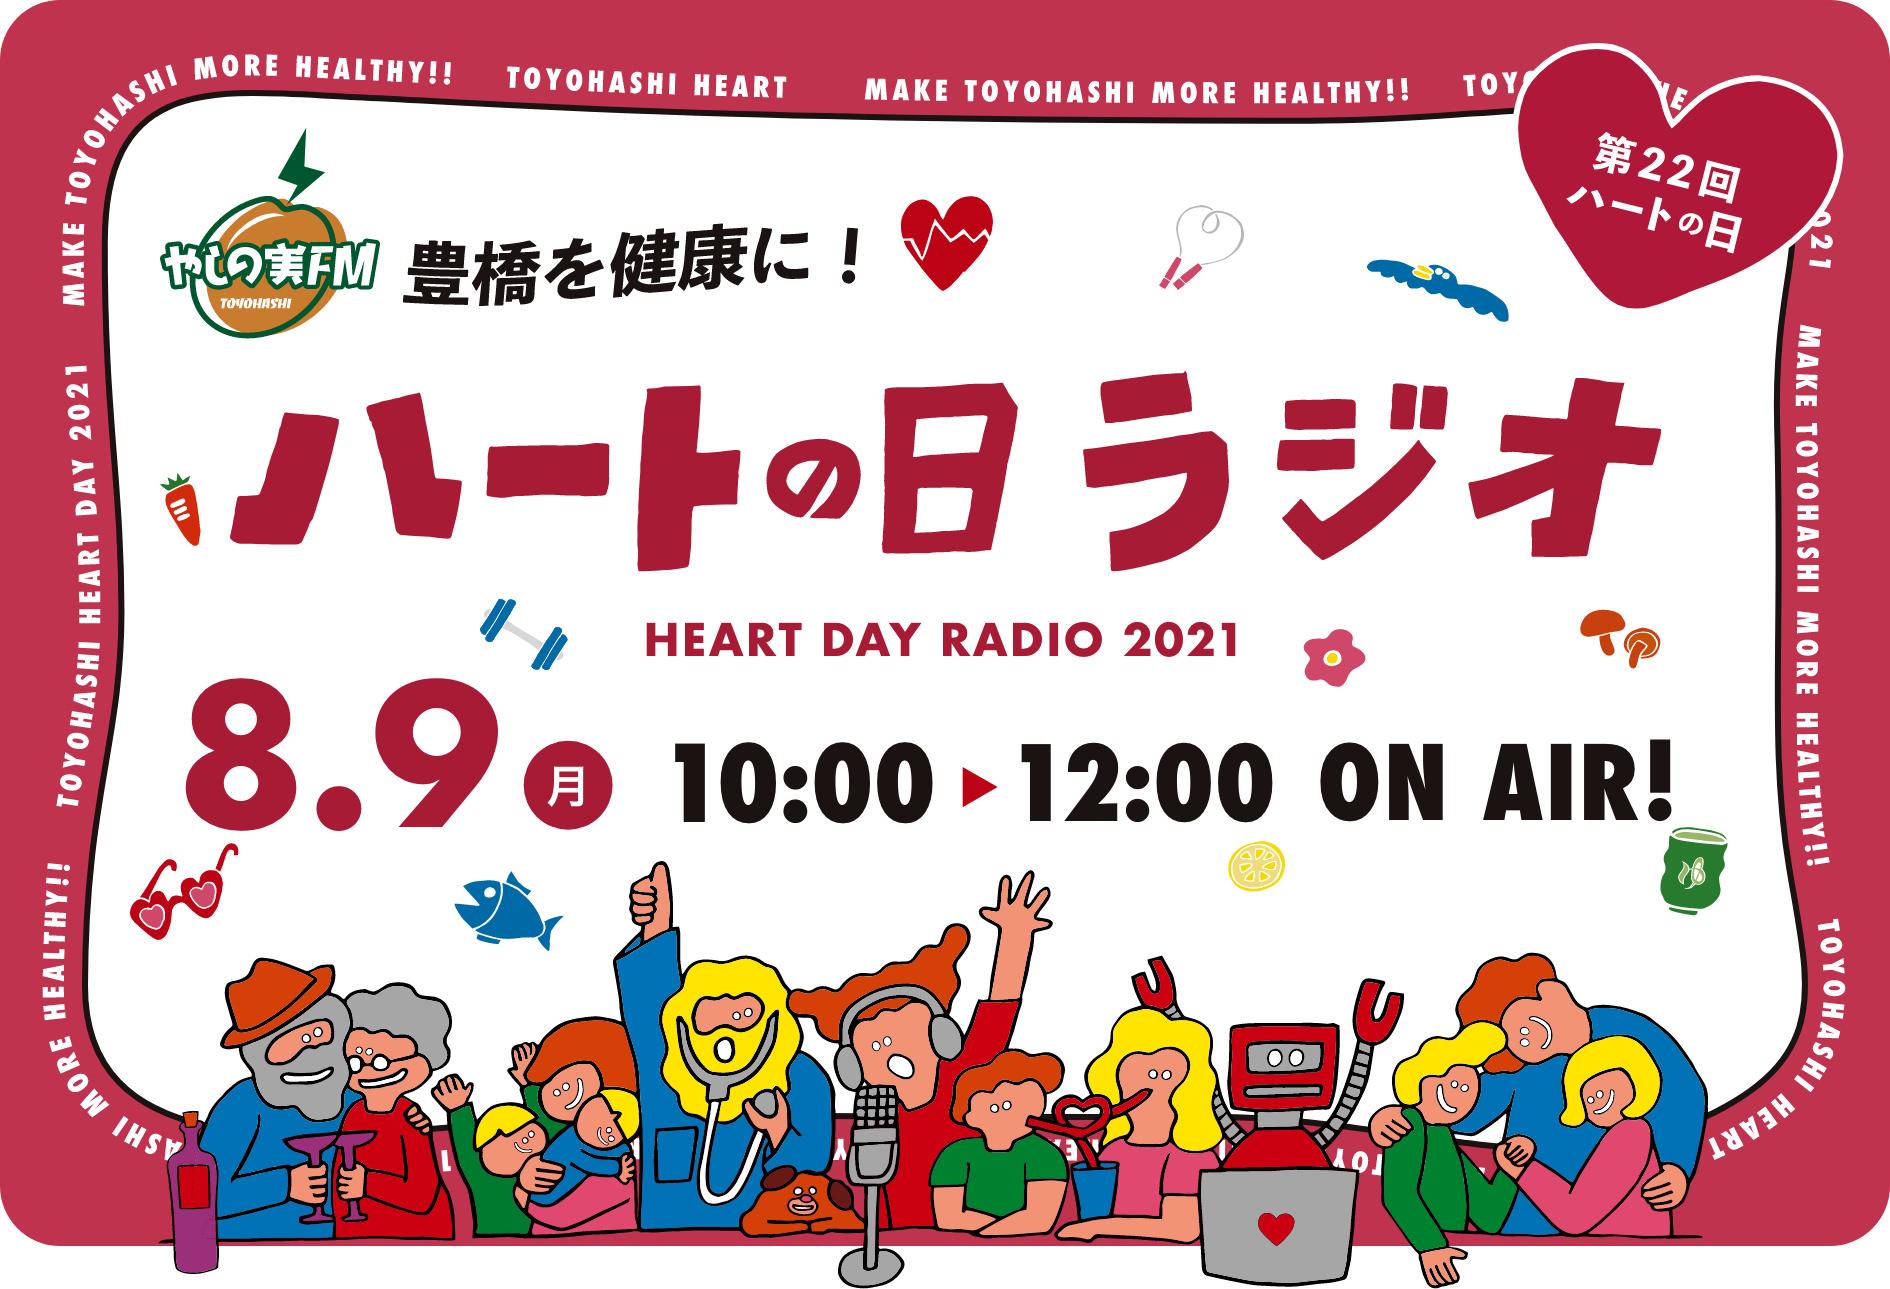 やしの実FM 豊橋を健康に!ハートの日ラジオ